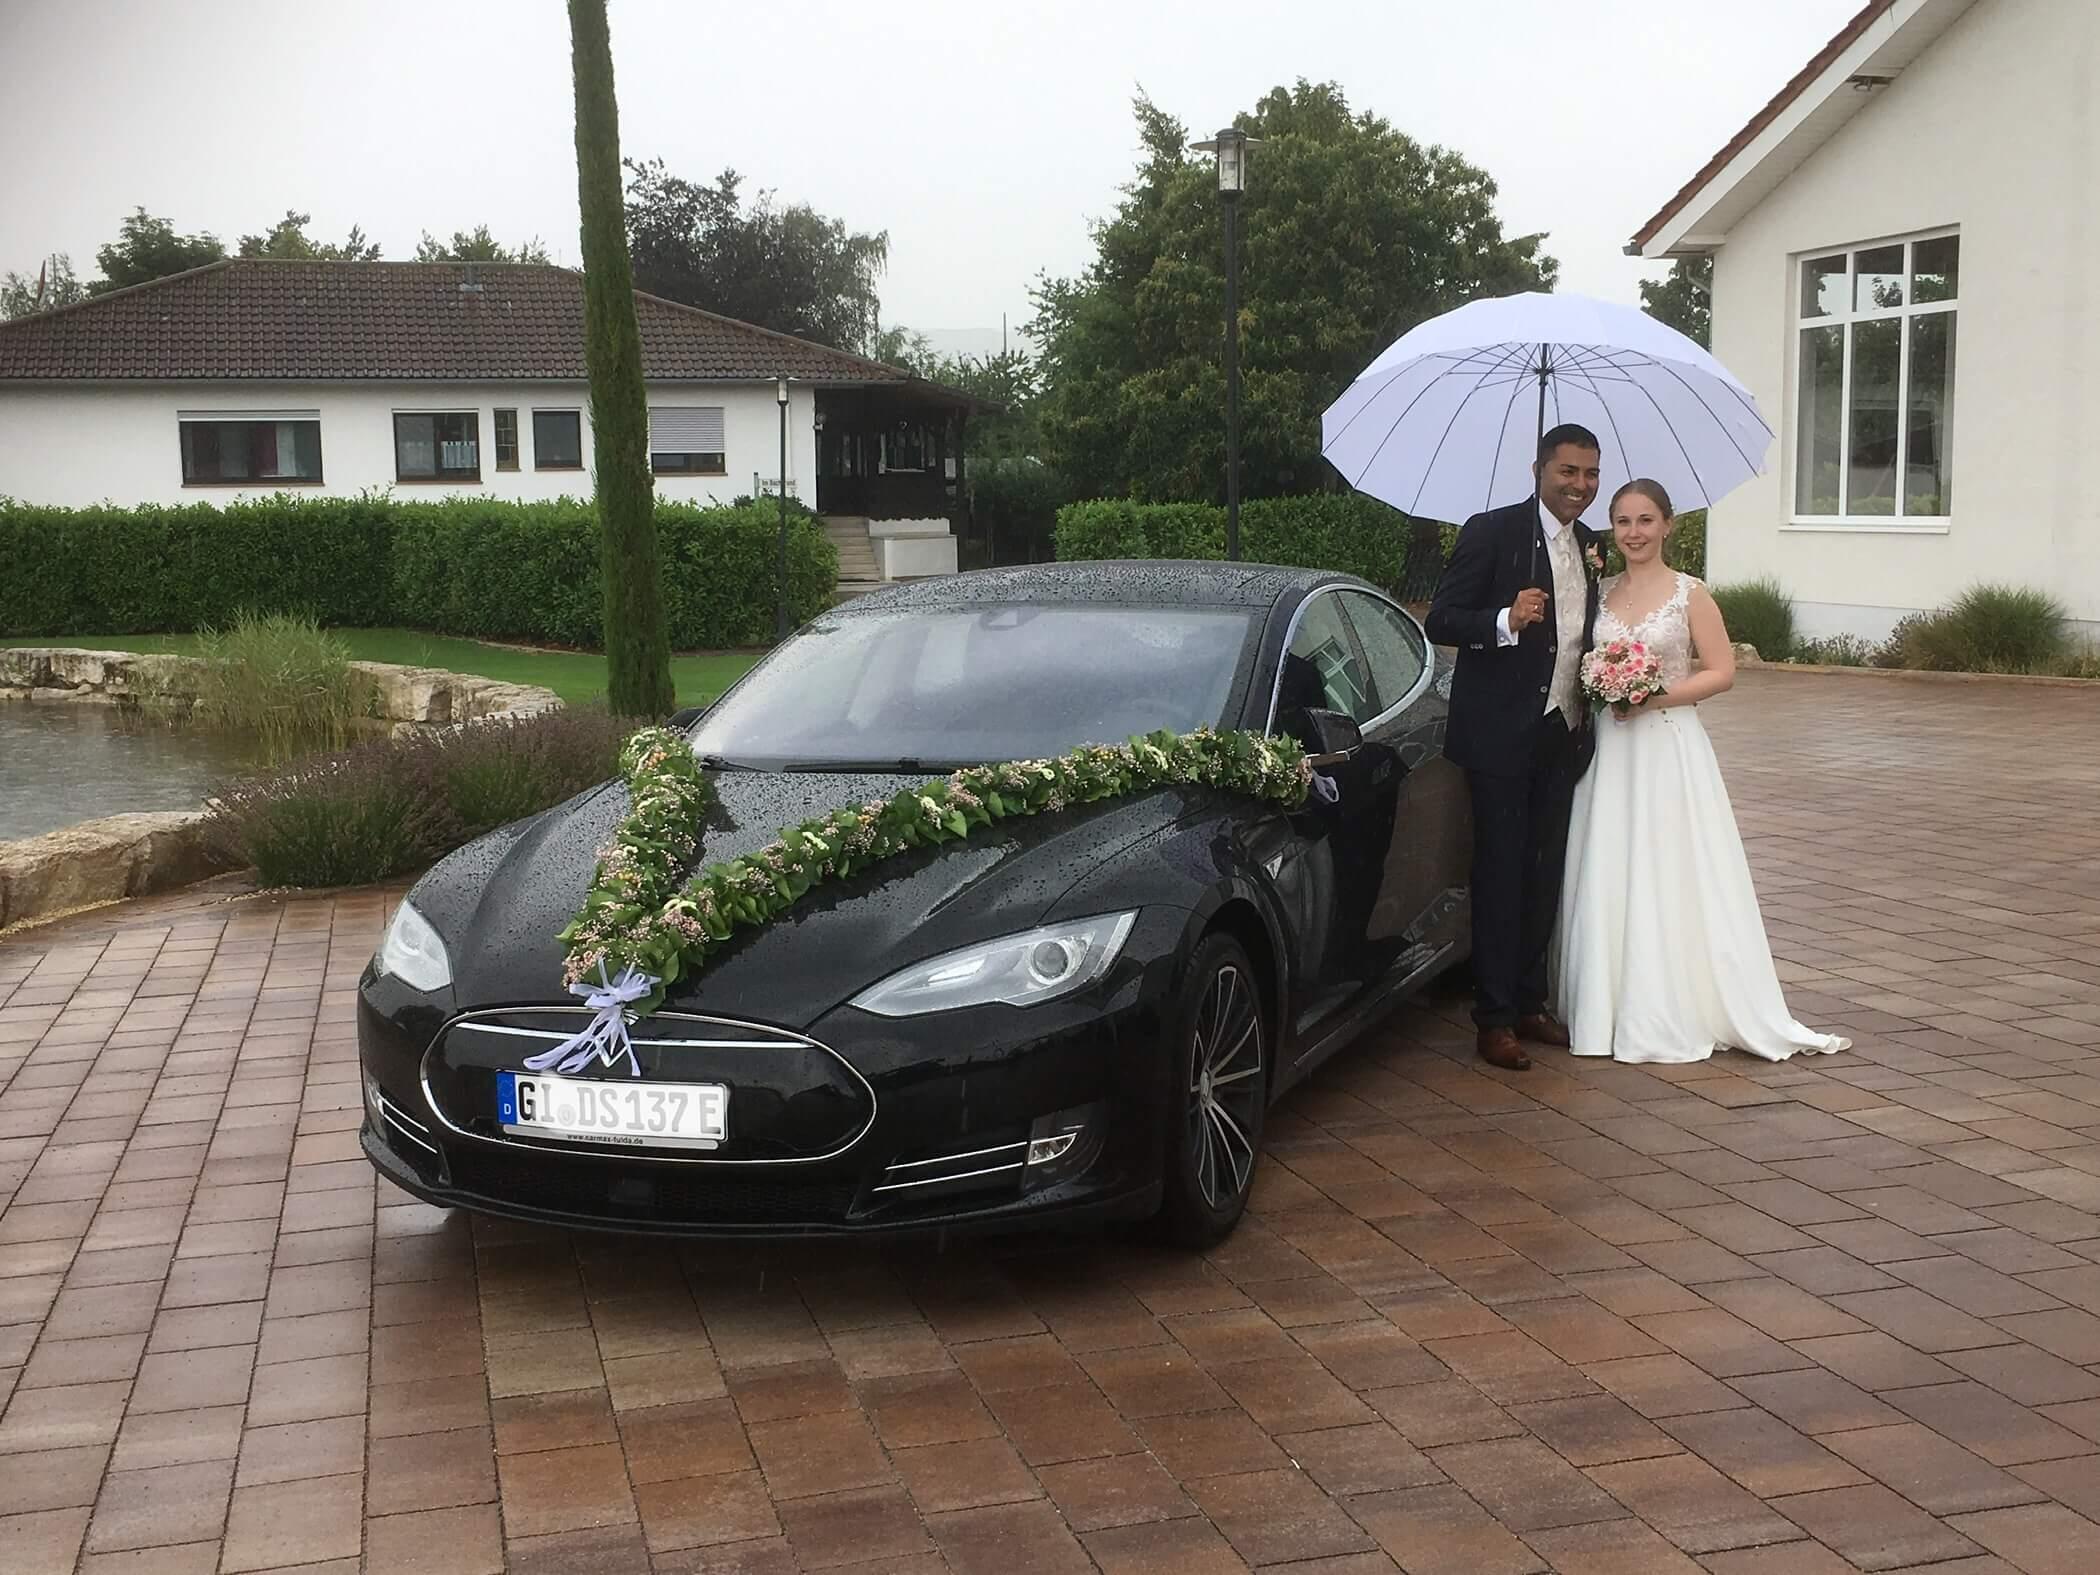 Tesla Model S 85 mit Chauffeur mieten in Staufenberg bei Gießen